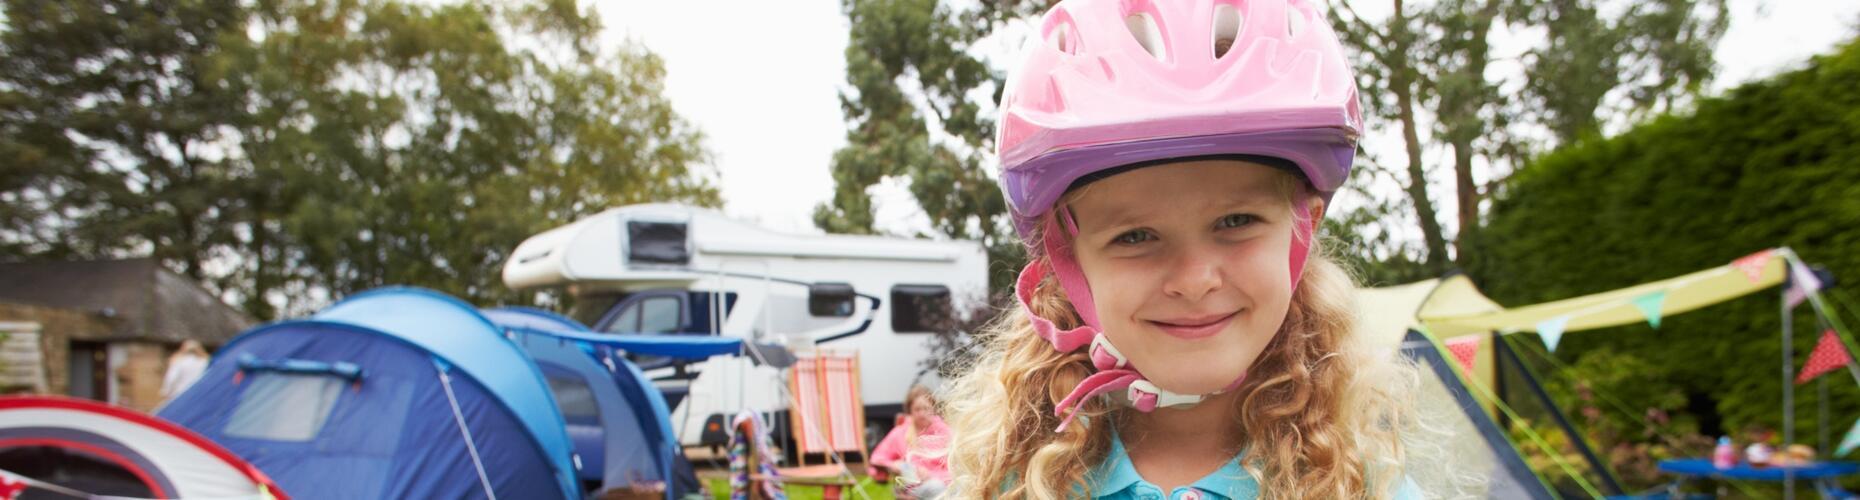 Speciale Vacanze in Campeggio a Cavallino Treporti